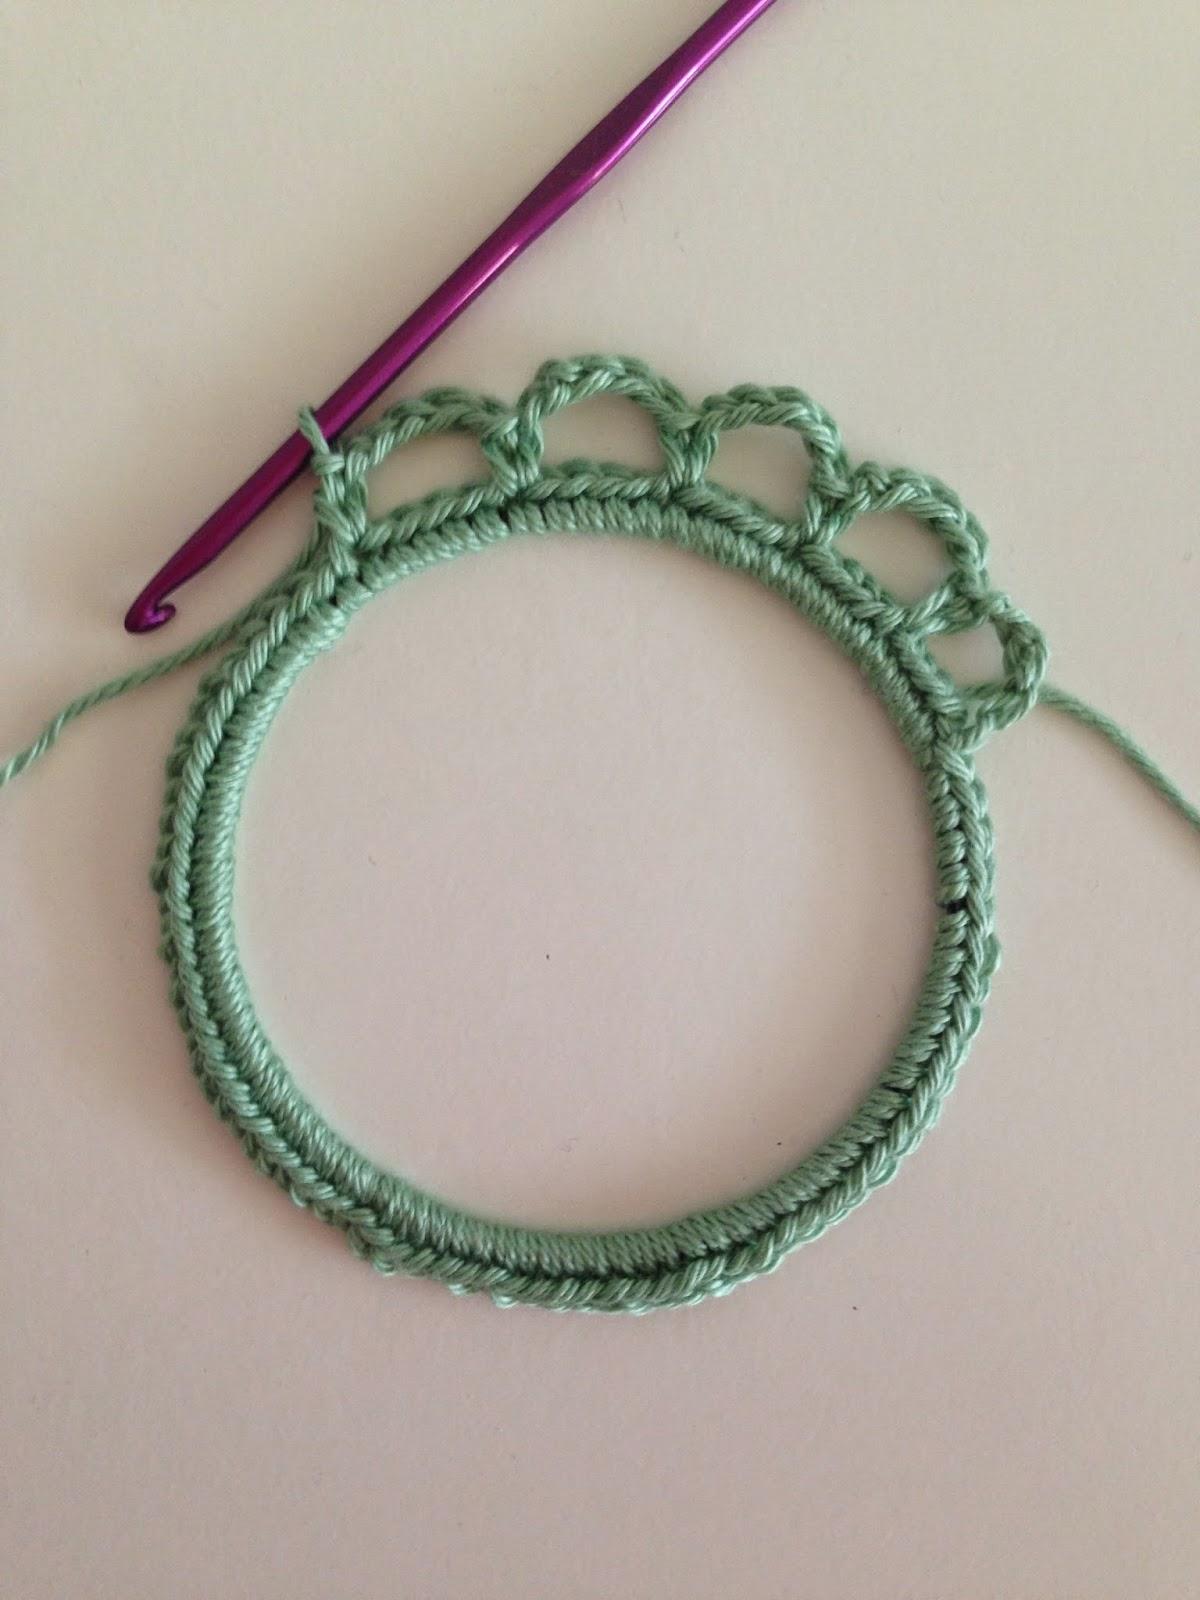 Fotolijstje Haken Stap Voor Stap Uitleg Crochet Photoframe